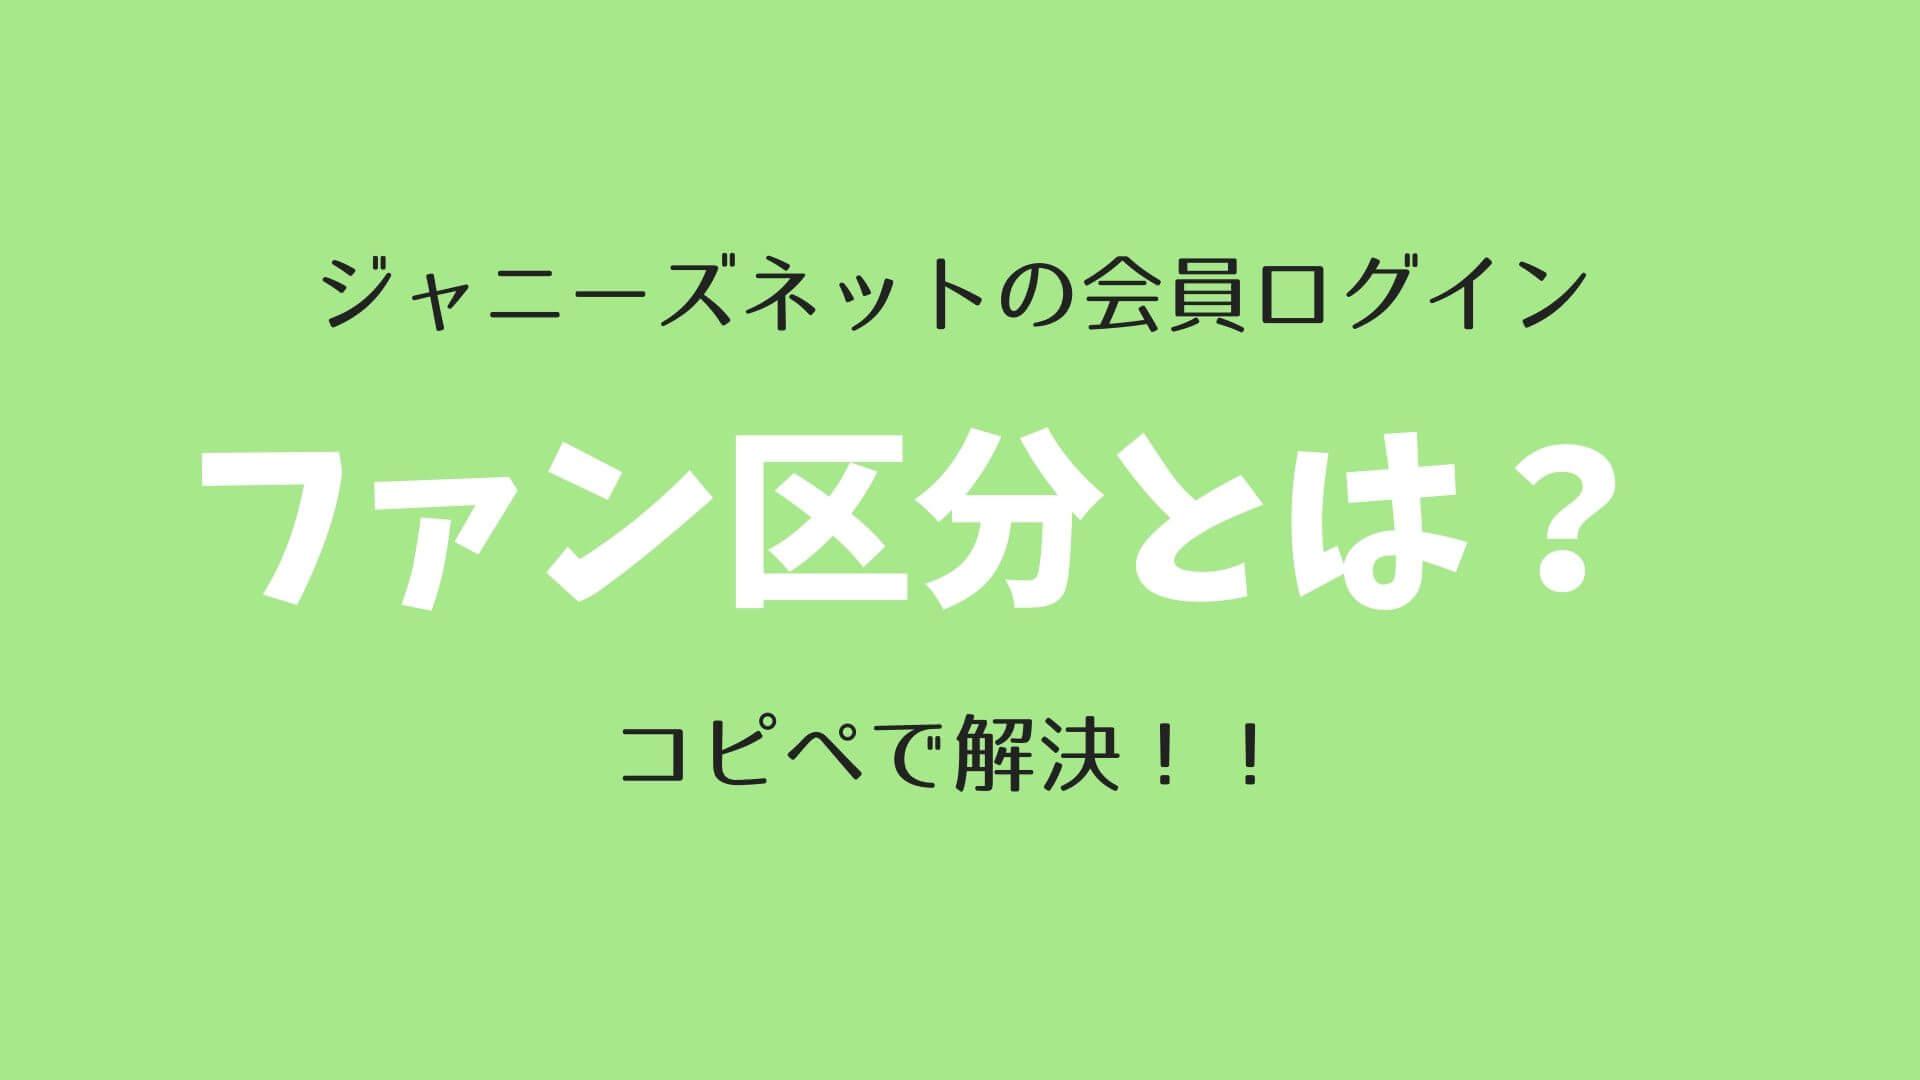 Jr ファン クラブ ジャニーズ